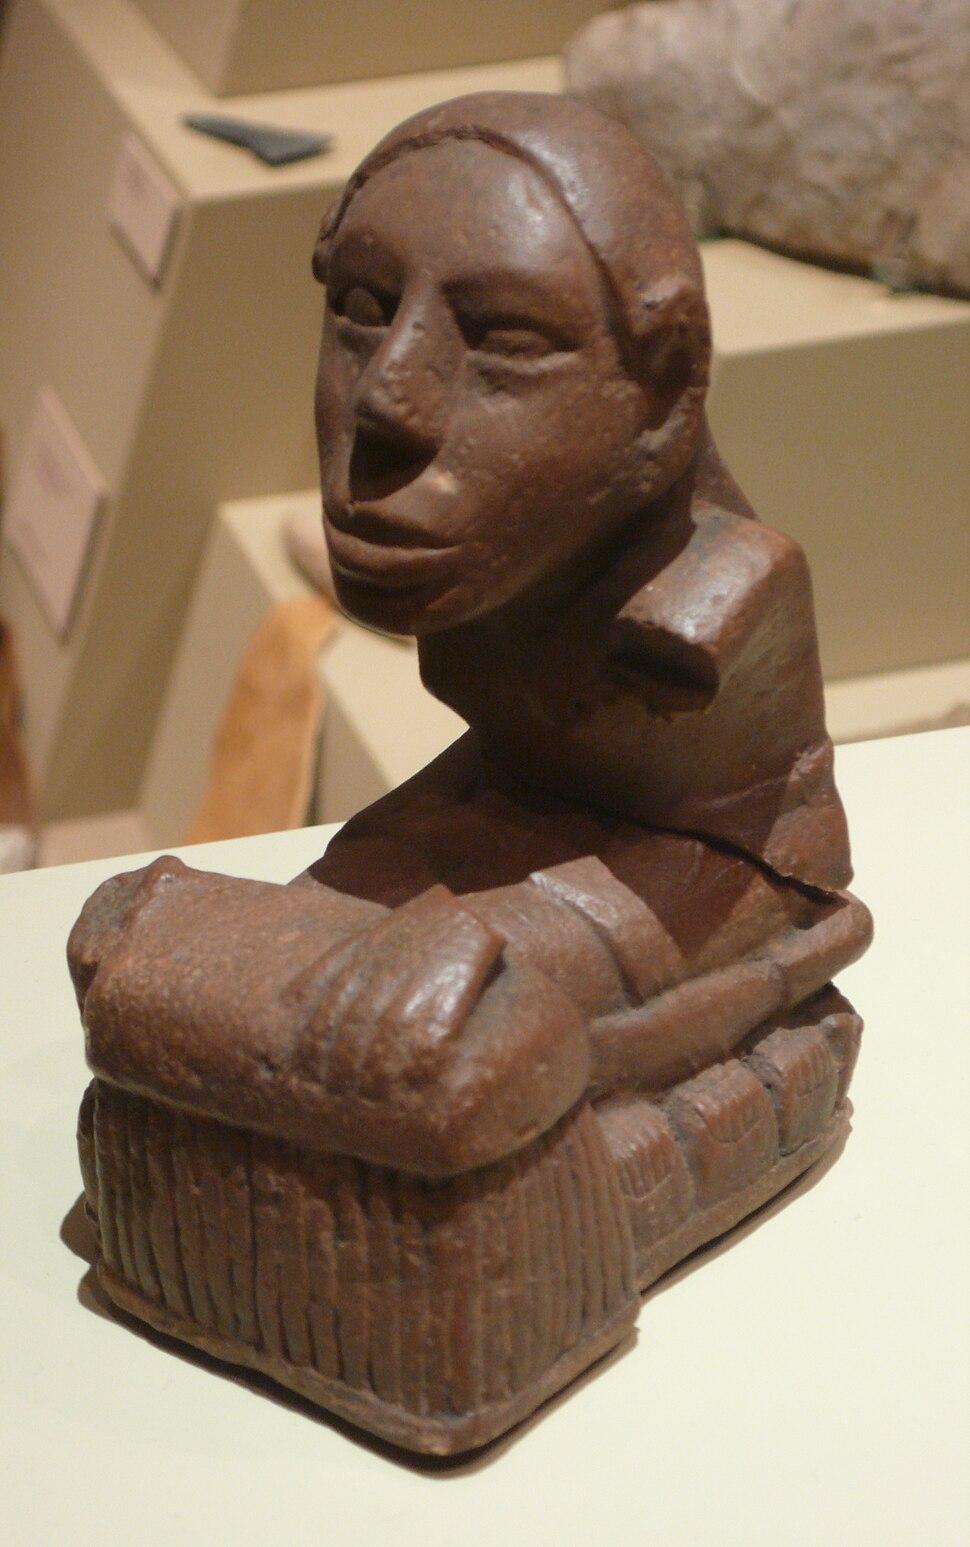 Keller figurine